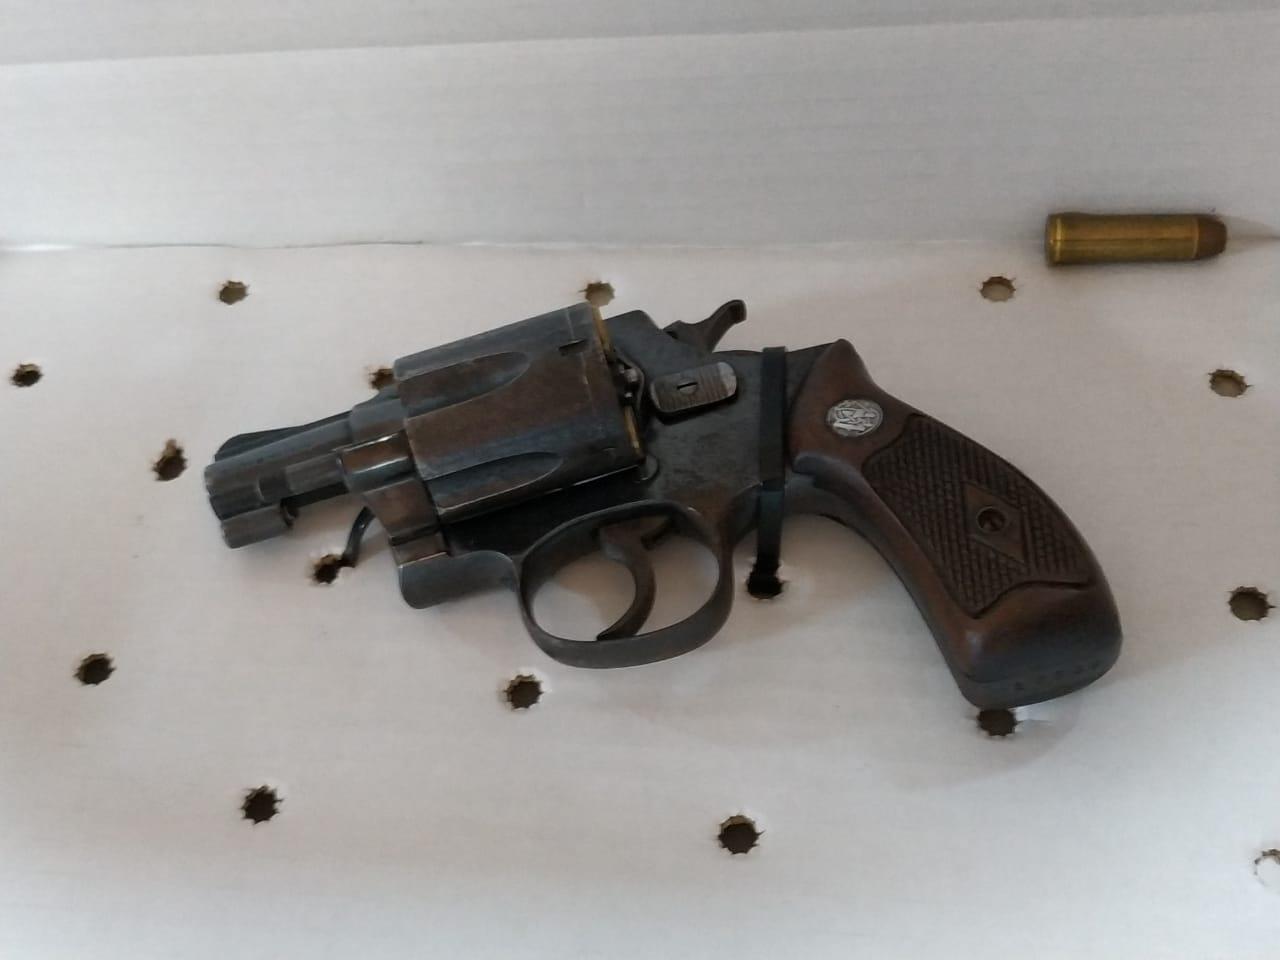 Se desconoce por qué el ahora fallecido llevó el revolver a la reunión con su amigo / ÁNGEL SALAZAR